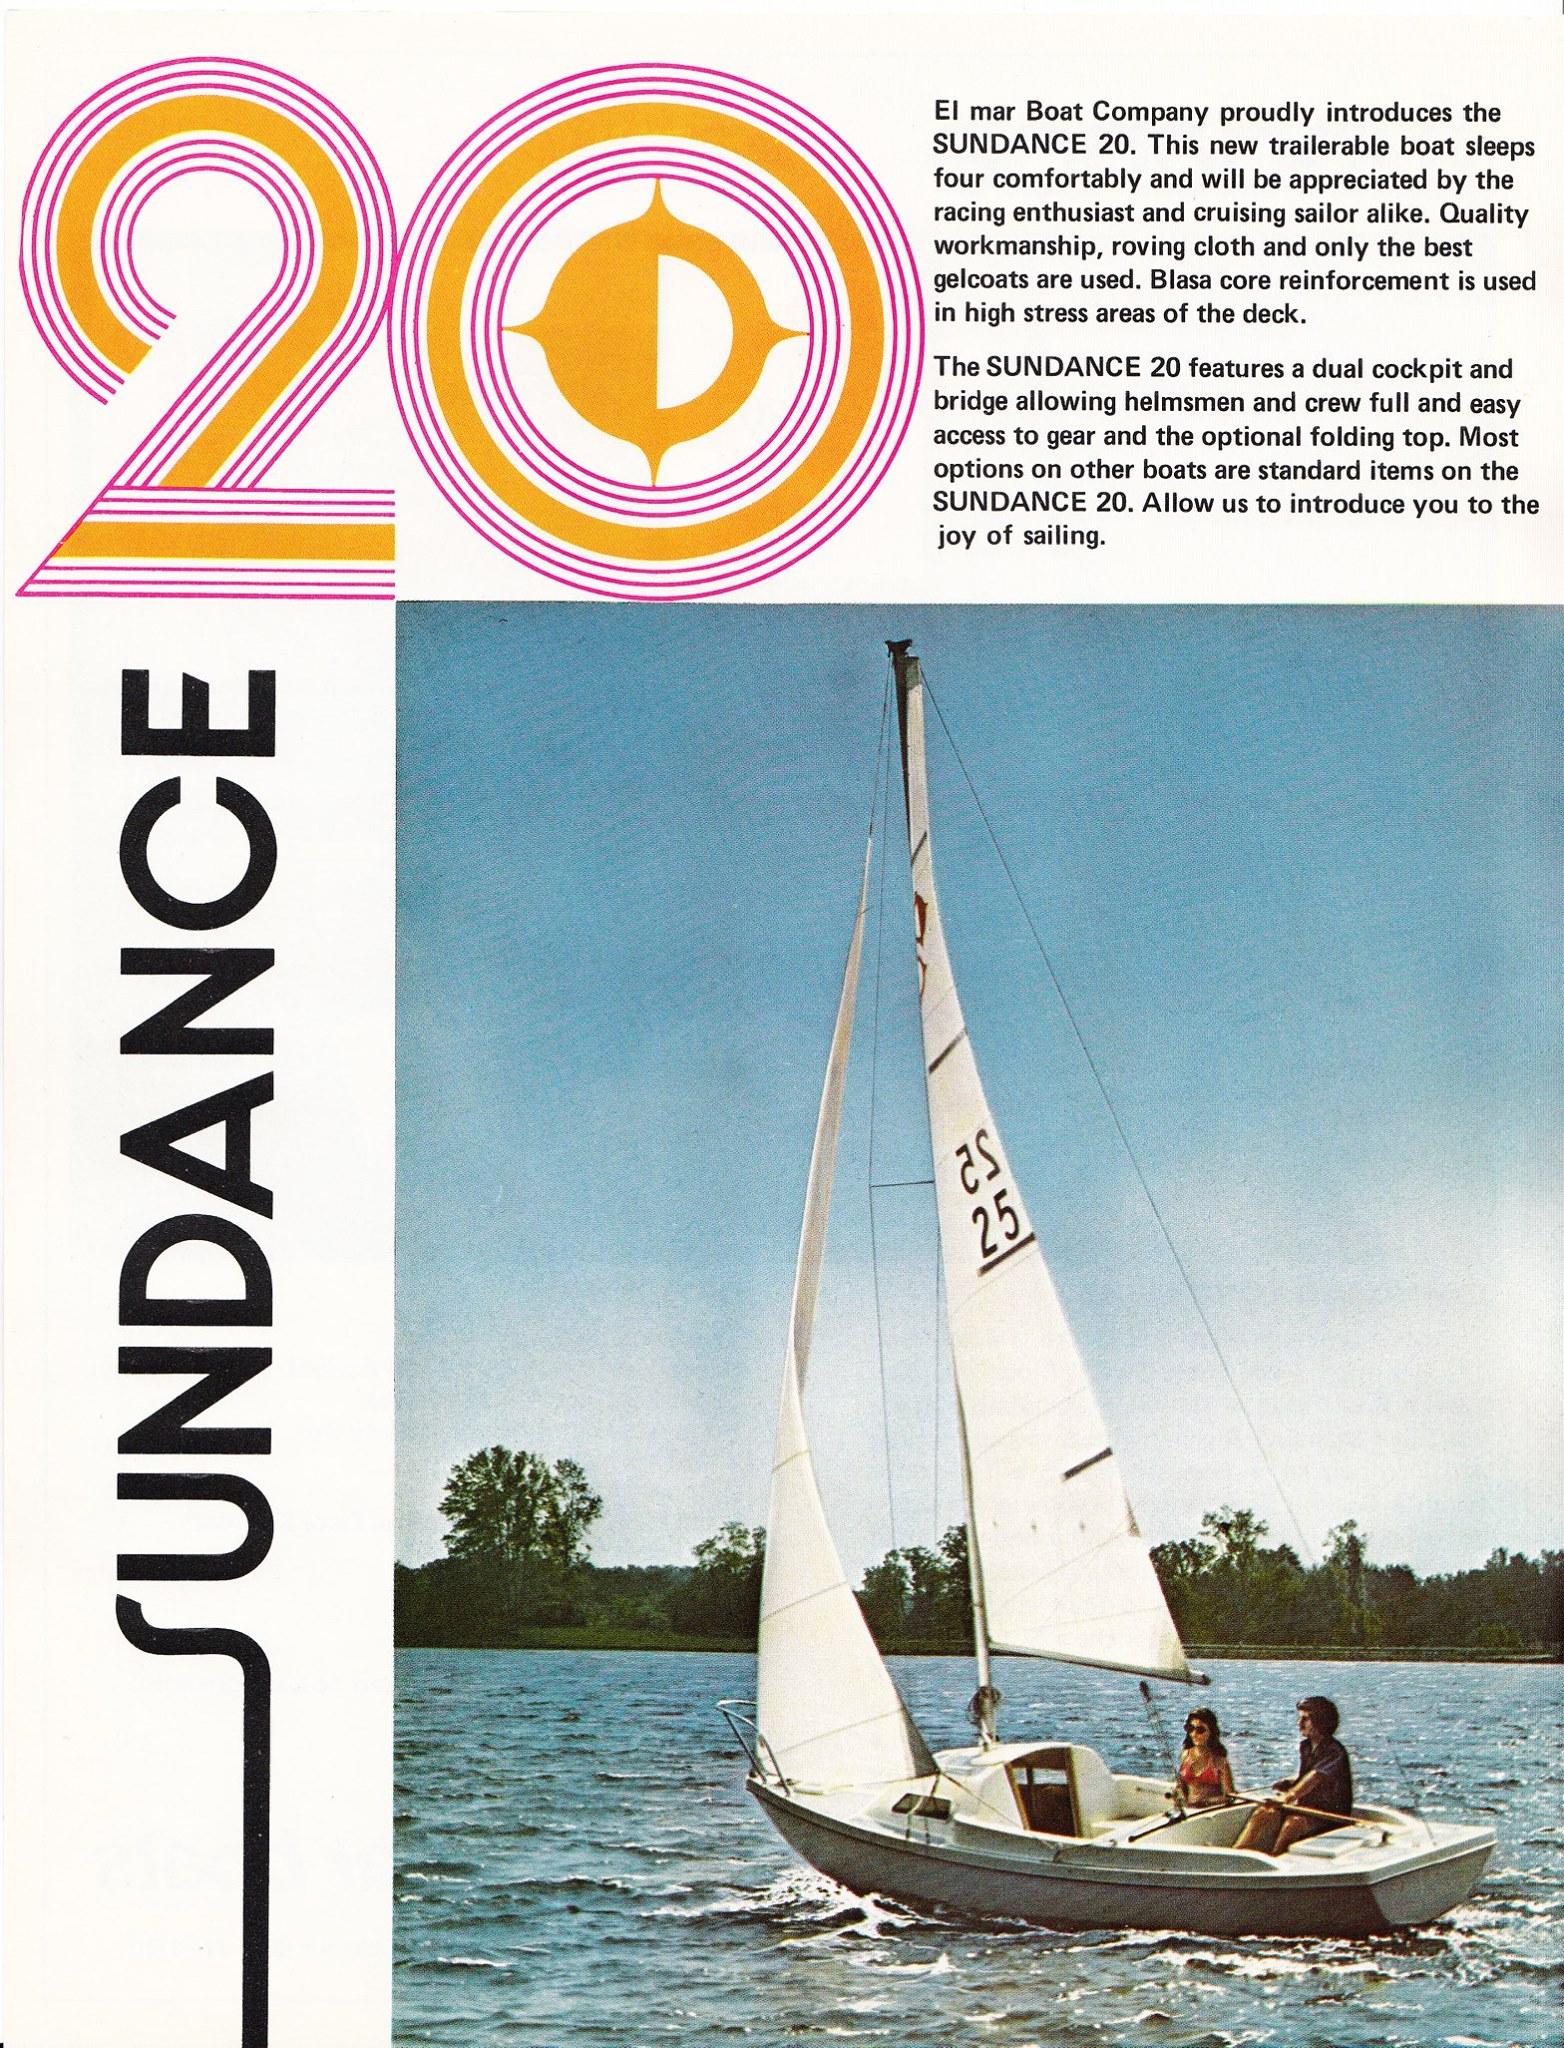 sundance-20-brochure-1.jpg